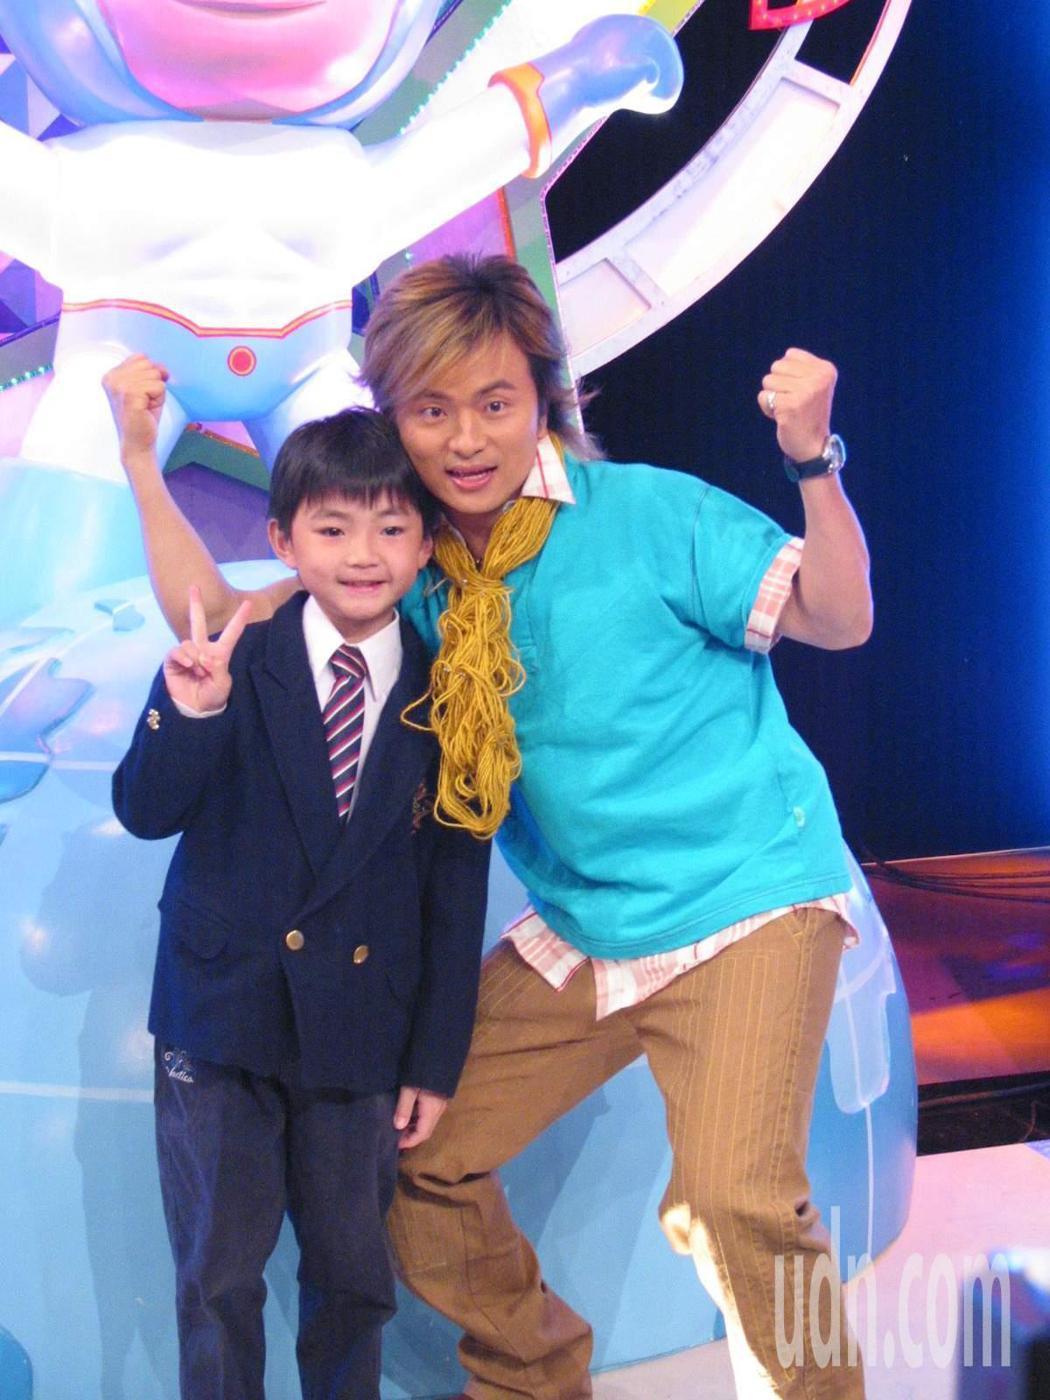 圖為2004年王欣逸(左)參與電視節目與藝人唐從聖合影。本報資料照片